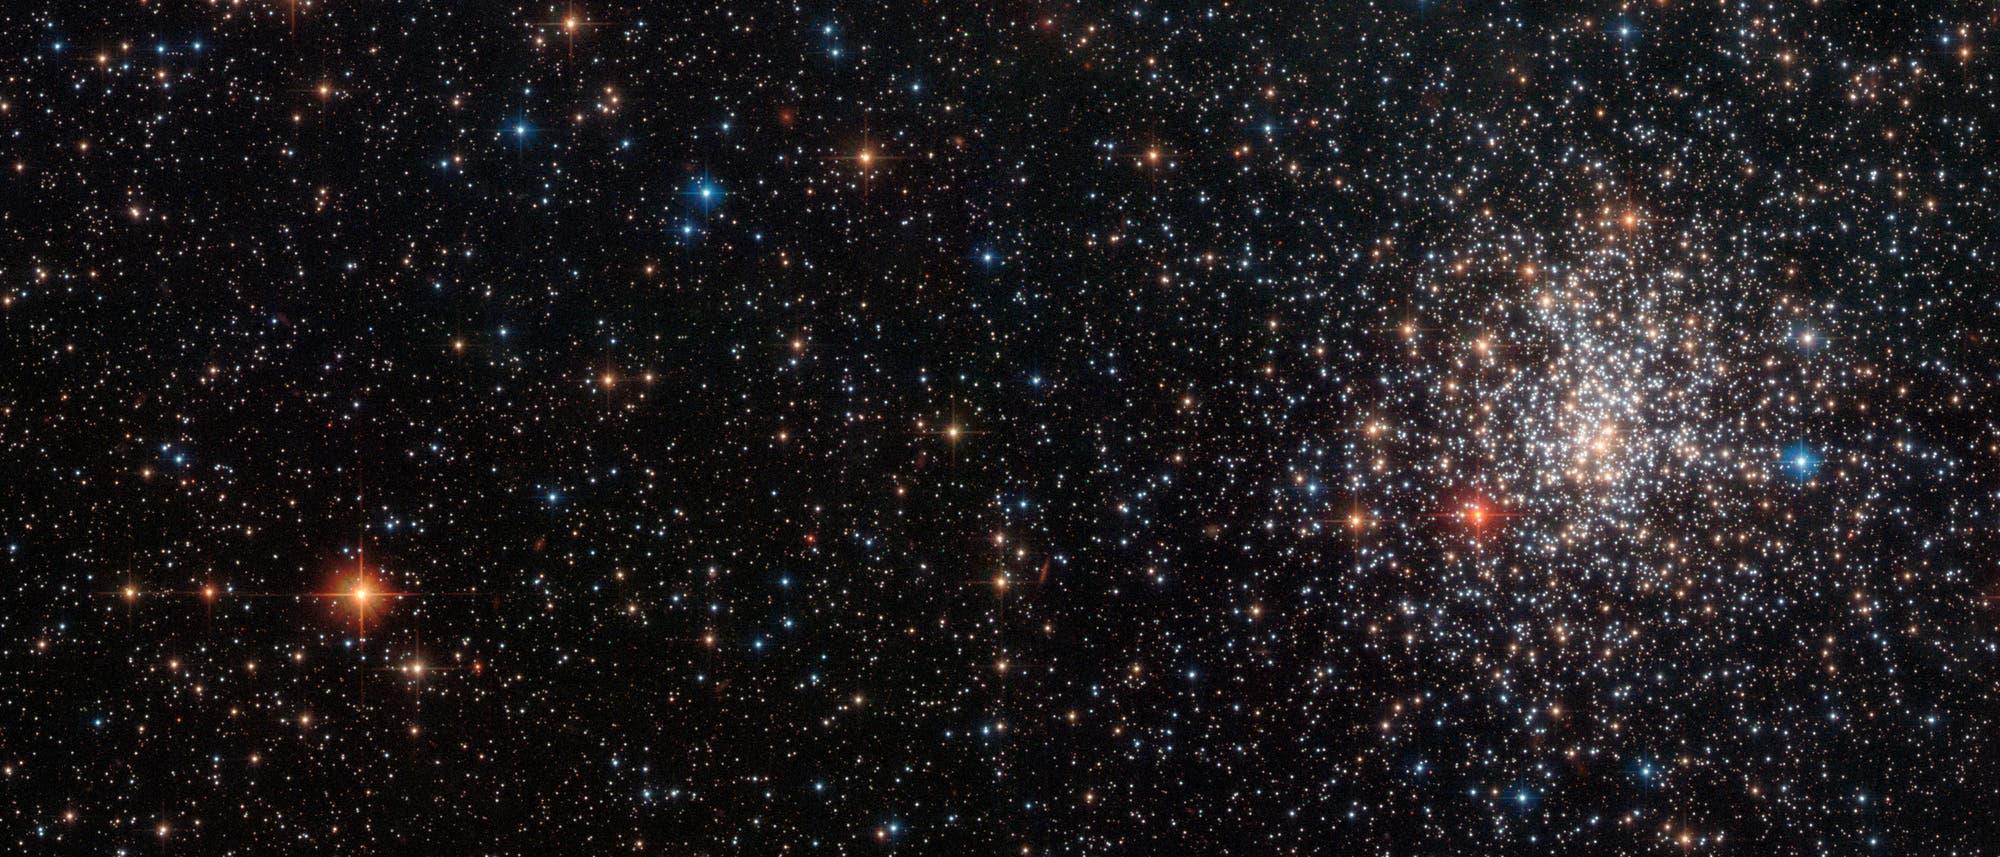 Der Kugelsternhaufen NGC 2108, in einer Aufnahme des Hubble Weltraumteleskops, mit einem auffälligen, tiefrot leuchtenden Stern links unten im Kugelsternhaufen. Dabei handelt es sich um einen Kohlenstoffstern.